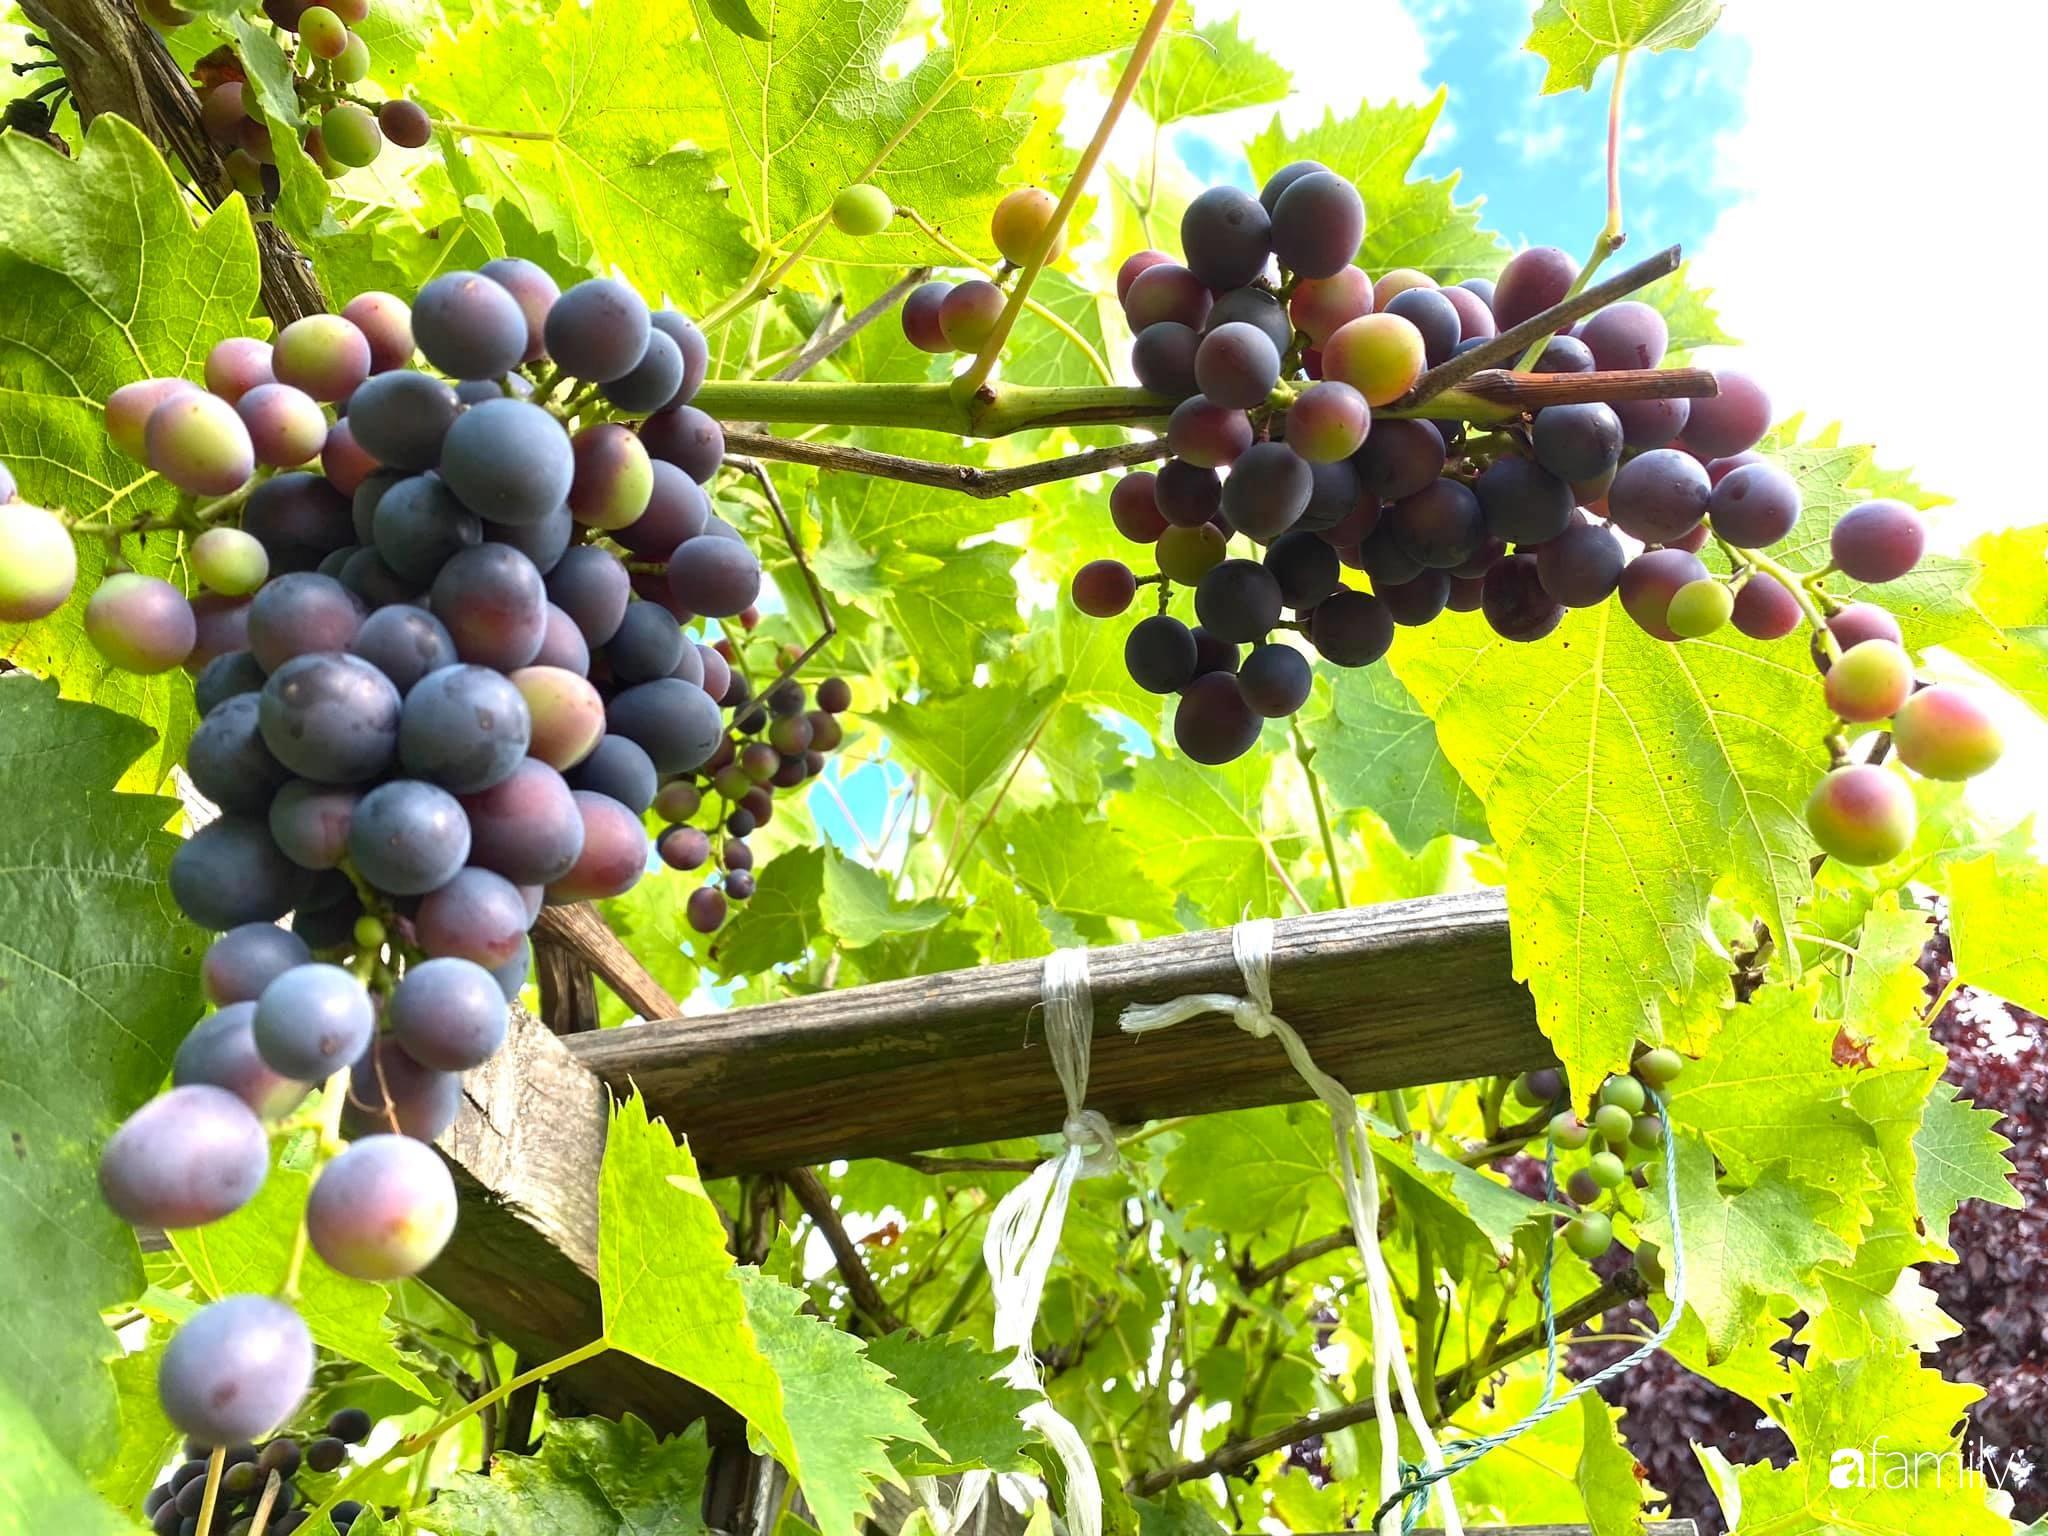 Khu vườn 200m² quanh năm xanh tươi với đủ loại rau quả sạch của mẹ Việt ở Đức - Ảnh 11.